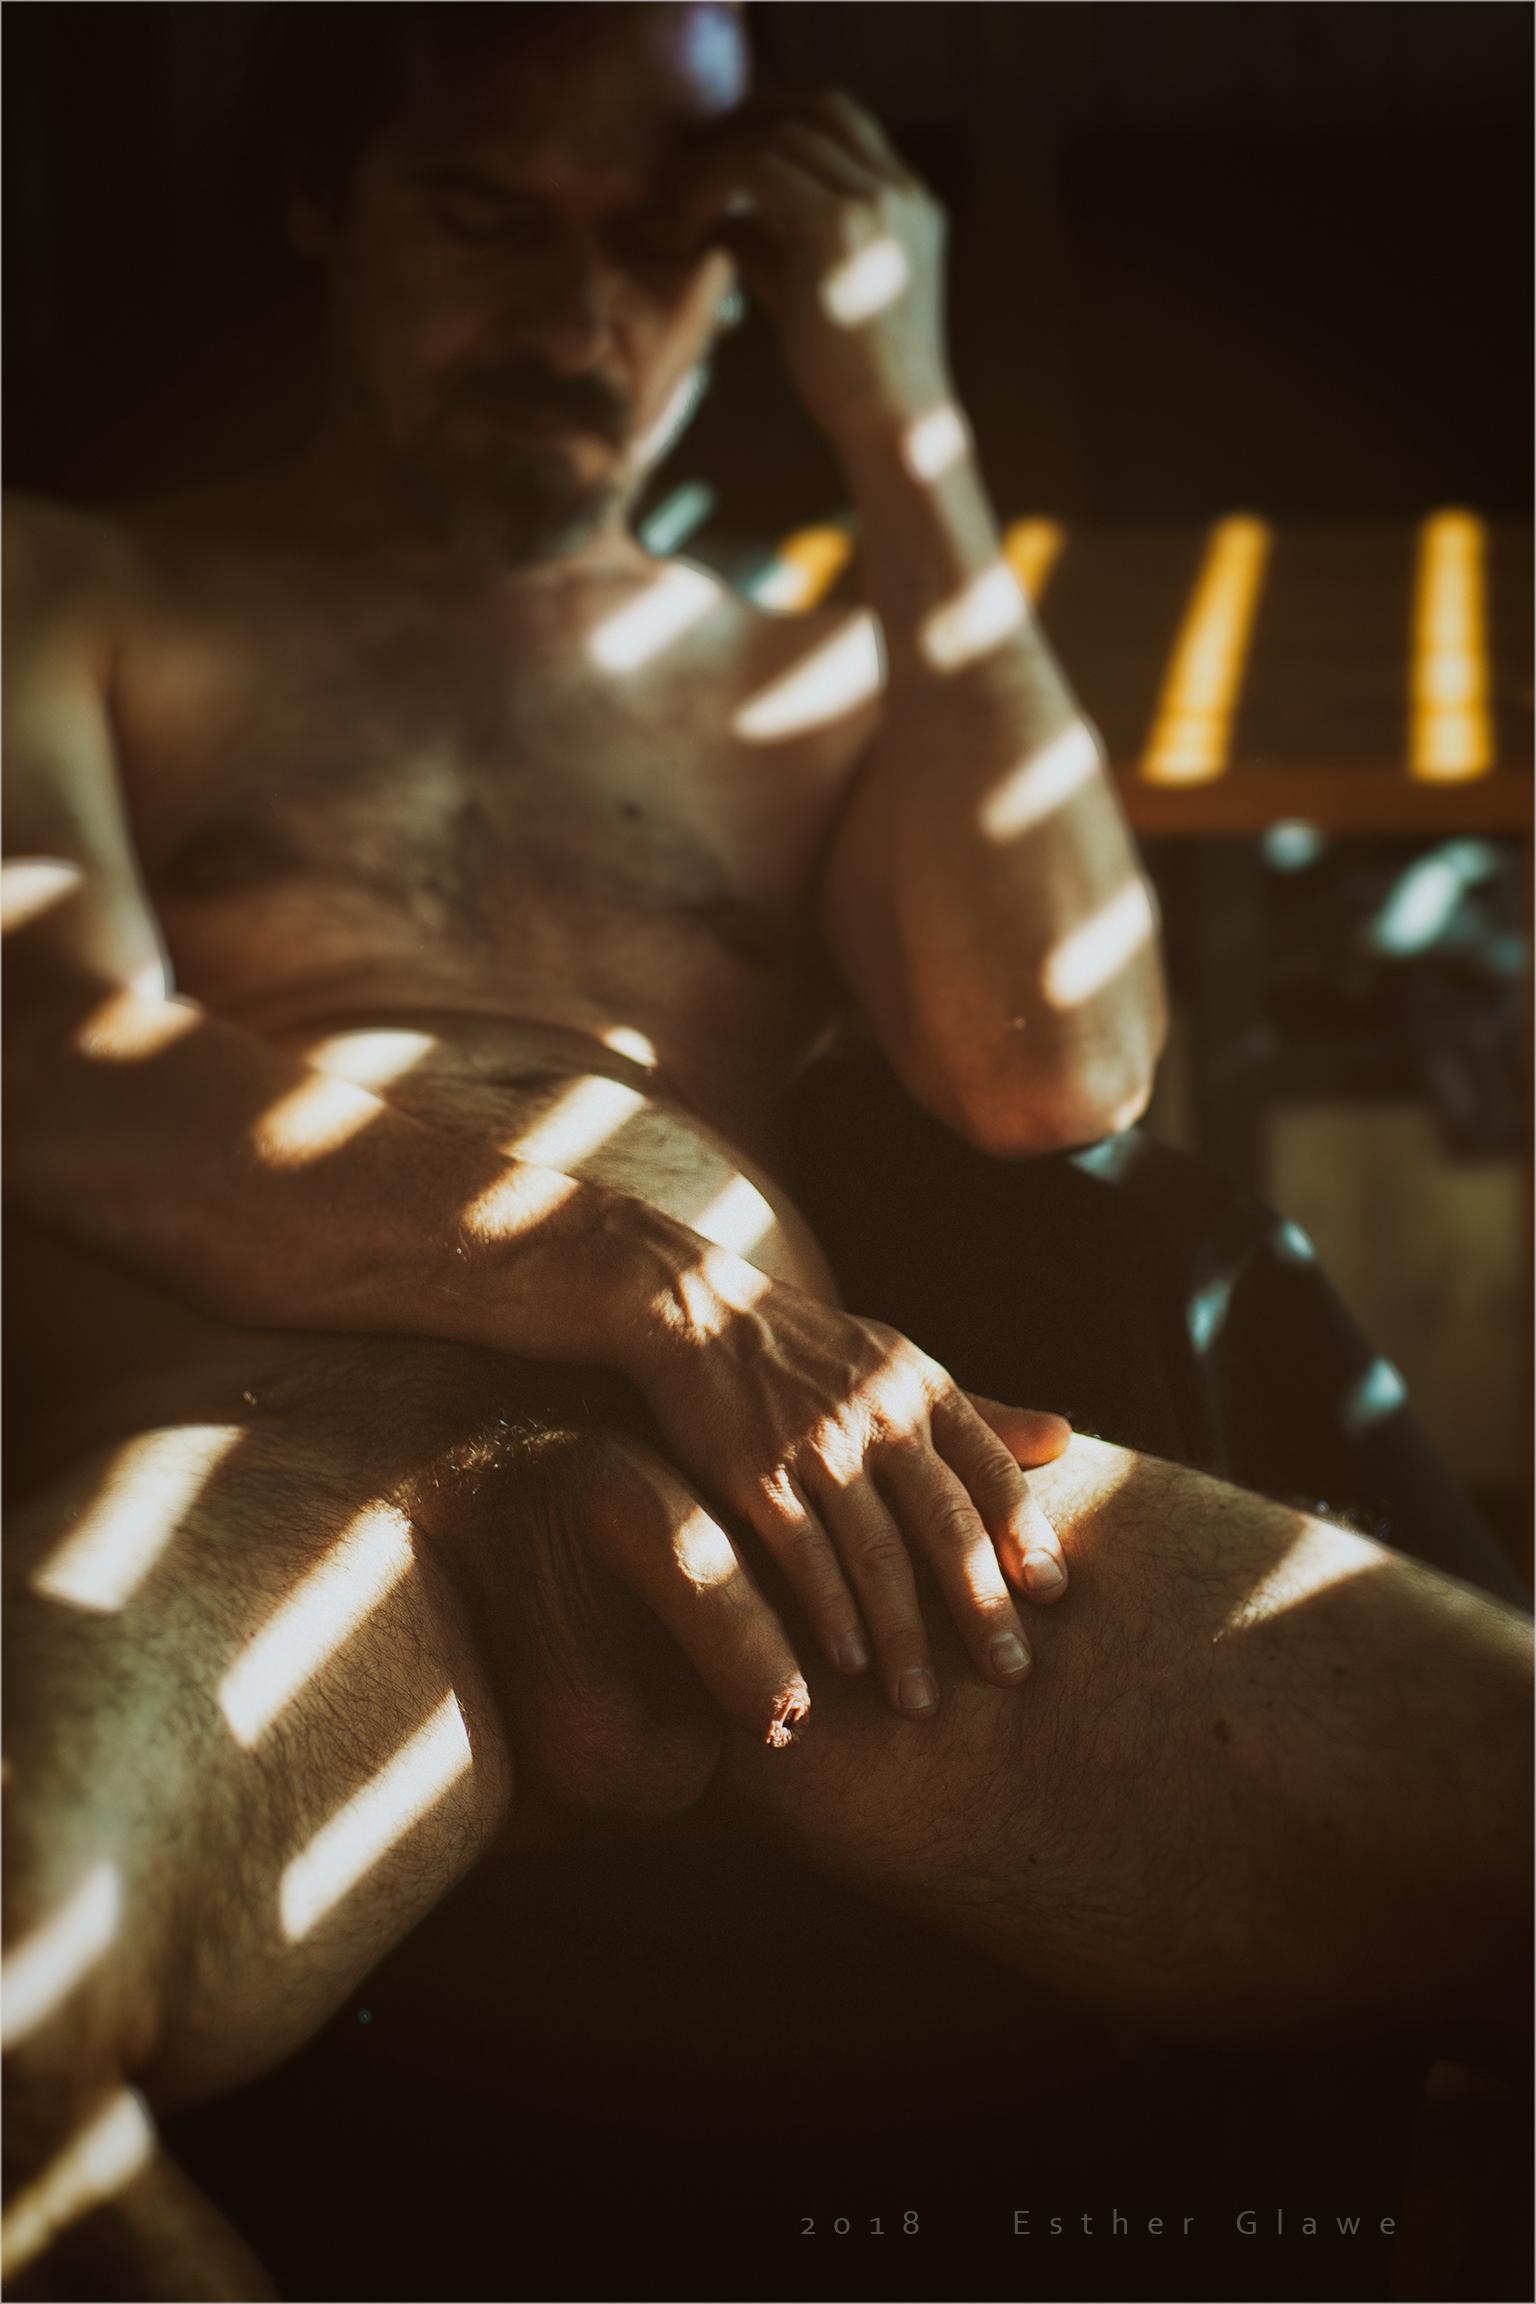 Nackter mann sitzt im Halbdunklen